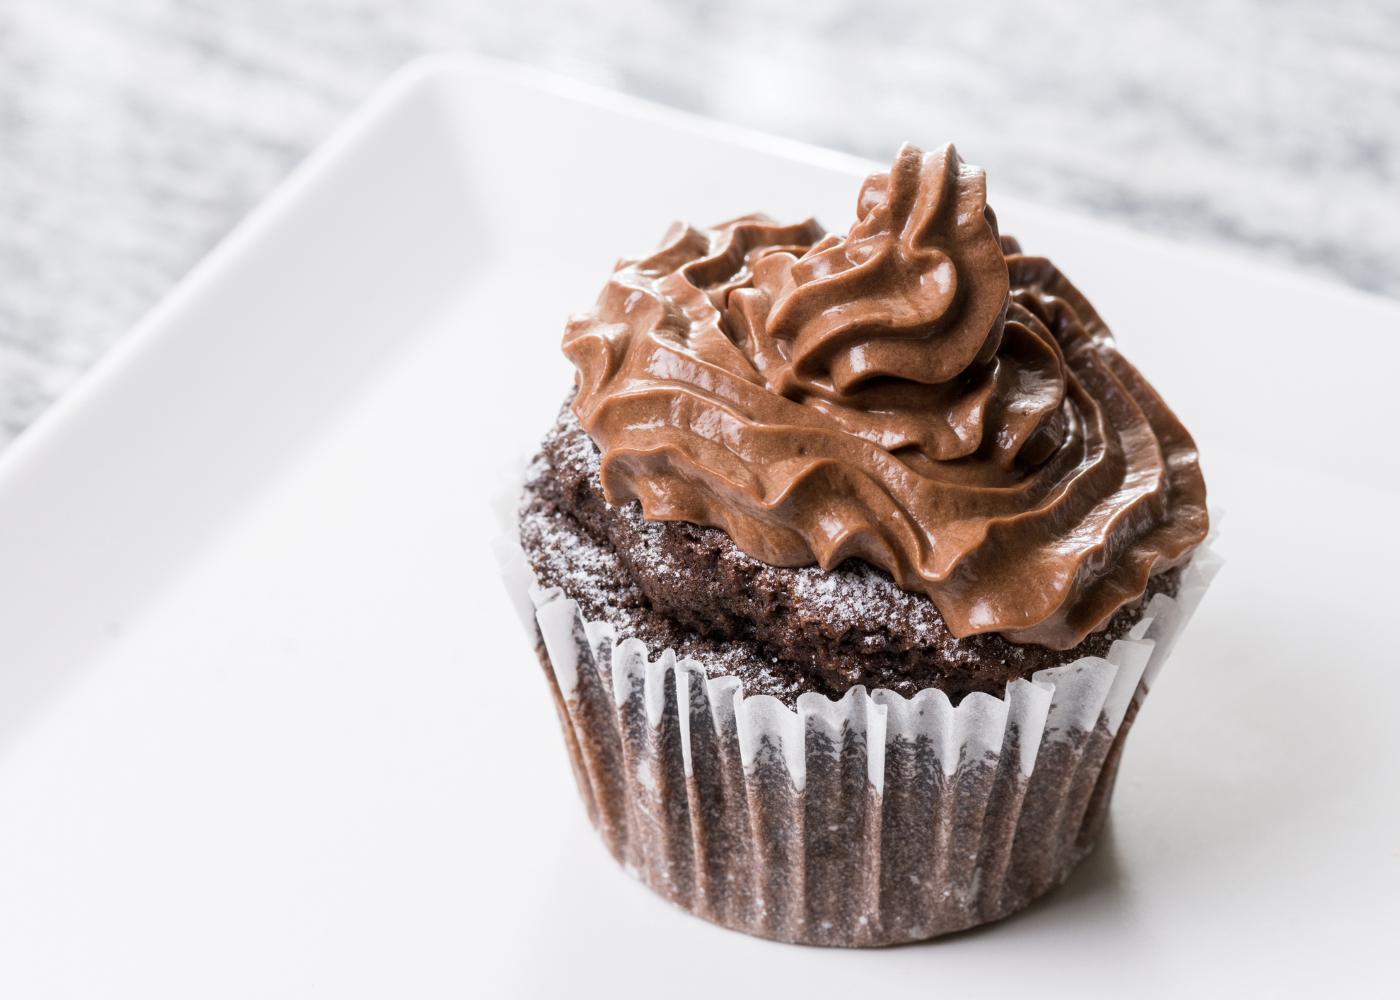 muffin com ganache em ponto pastoso